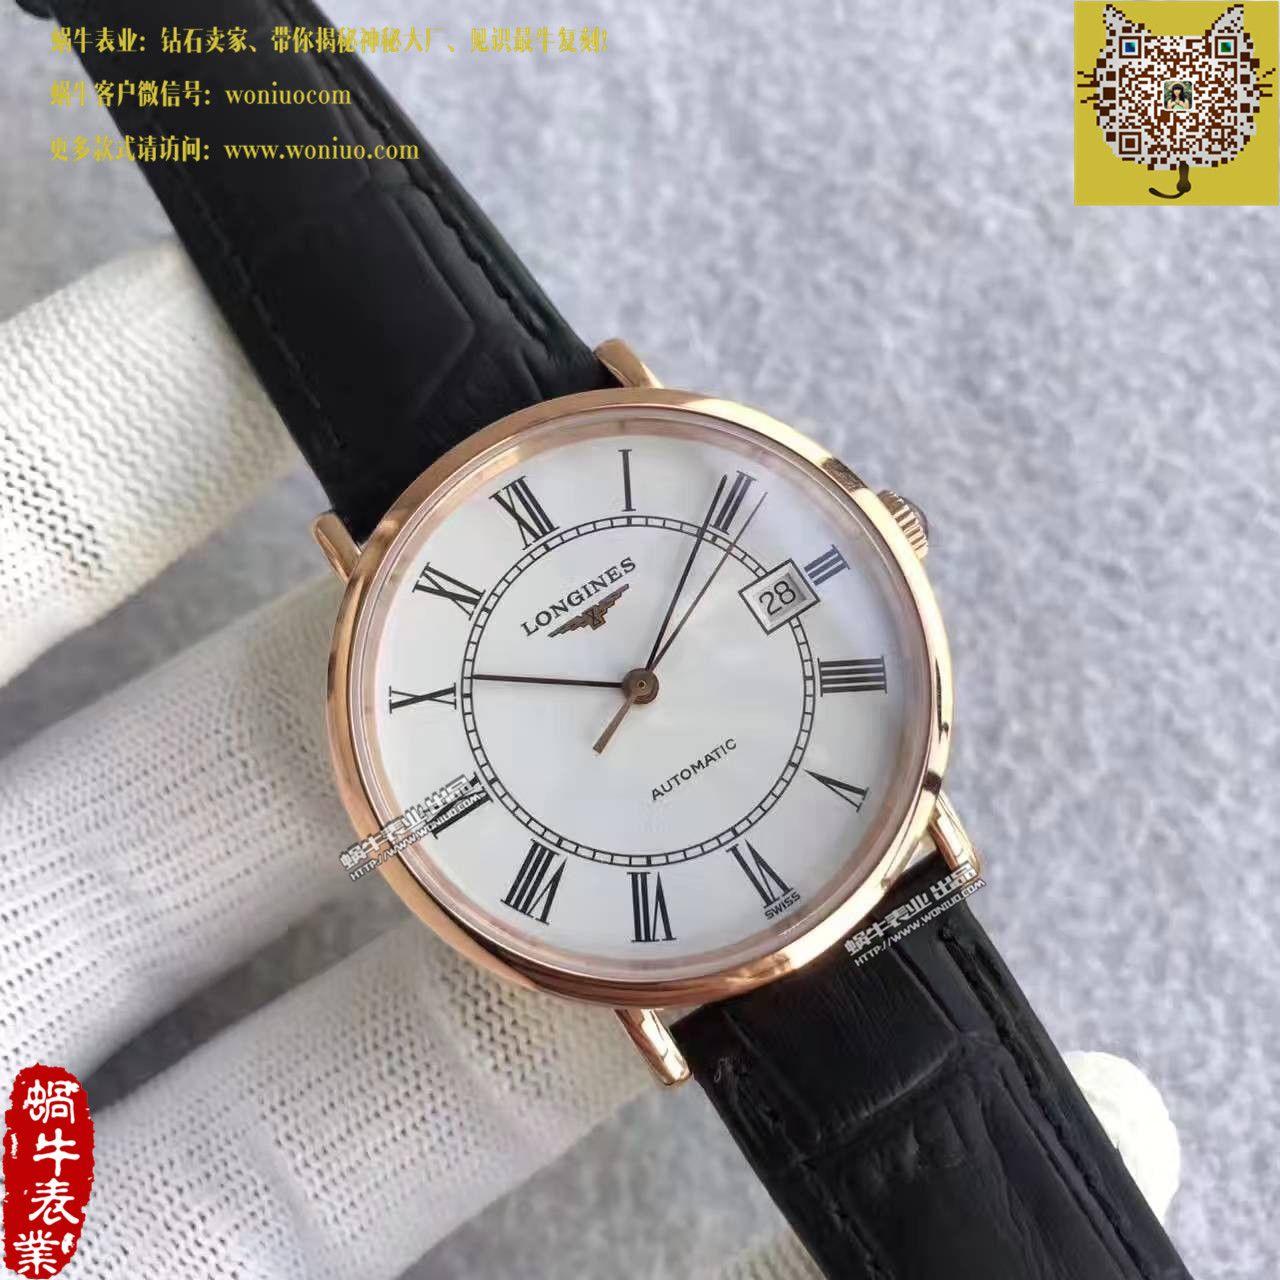 【台湾厂一比一超A高仿手表】浪琴《博雅》优雅系列L4.787.8.11.4腕表 / L088